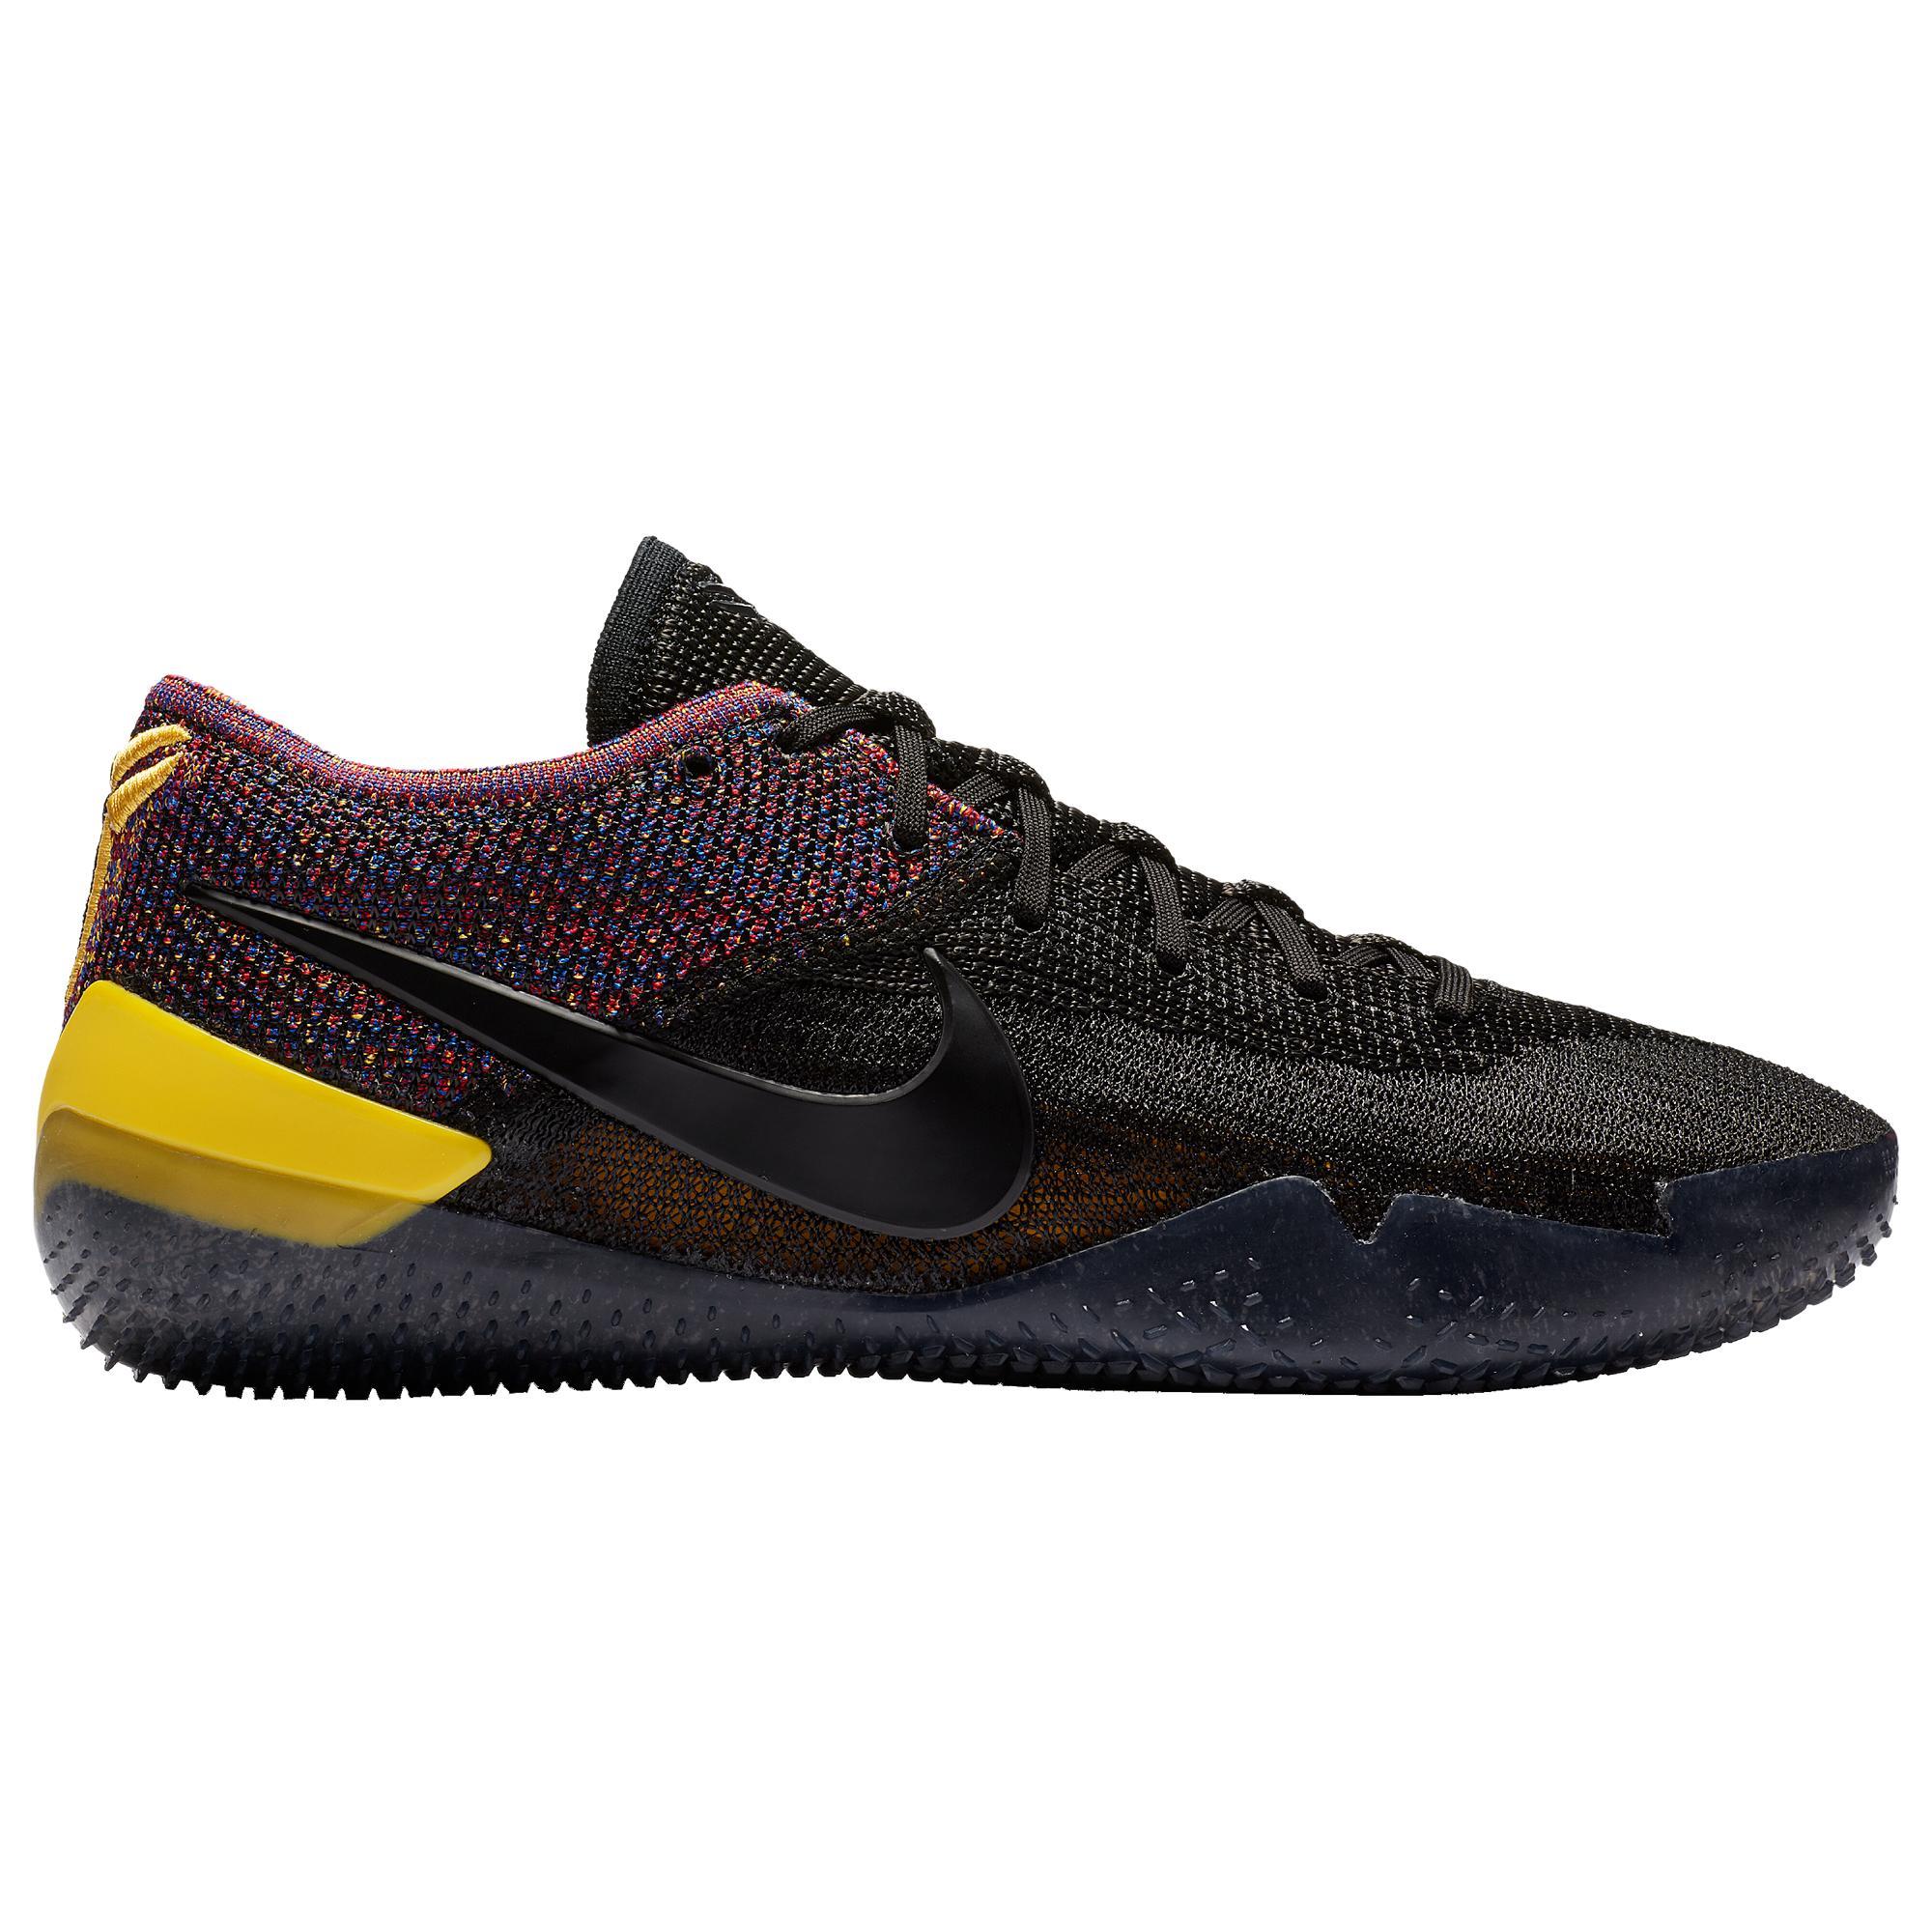 Nike Rubber Kobe Bryant Kobe Ad Nxt 360